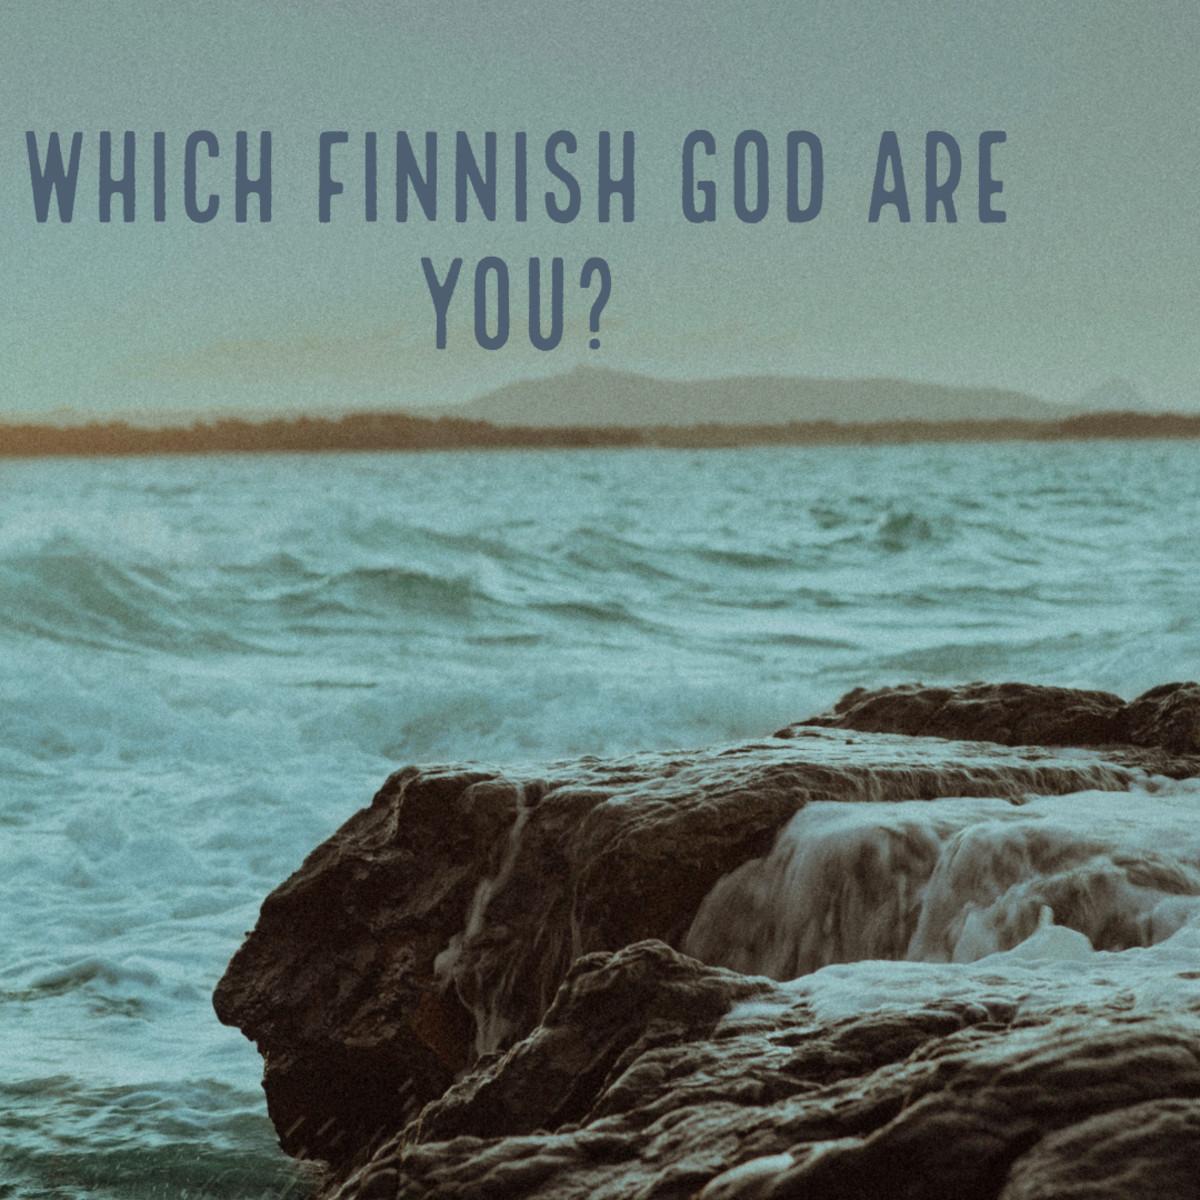 Finnish mythology encompasses deep, shamanic layers.